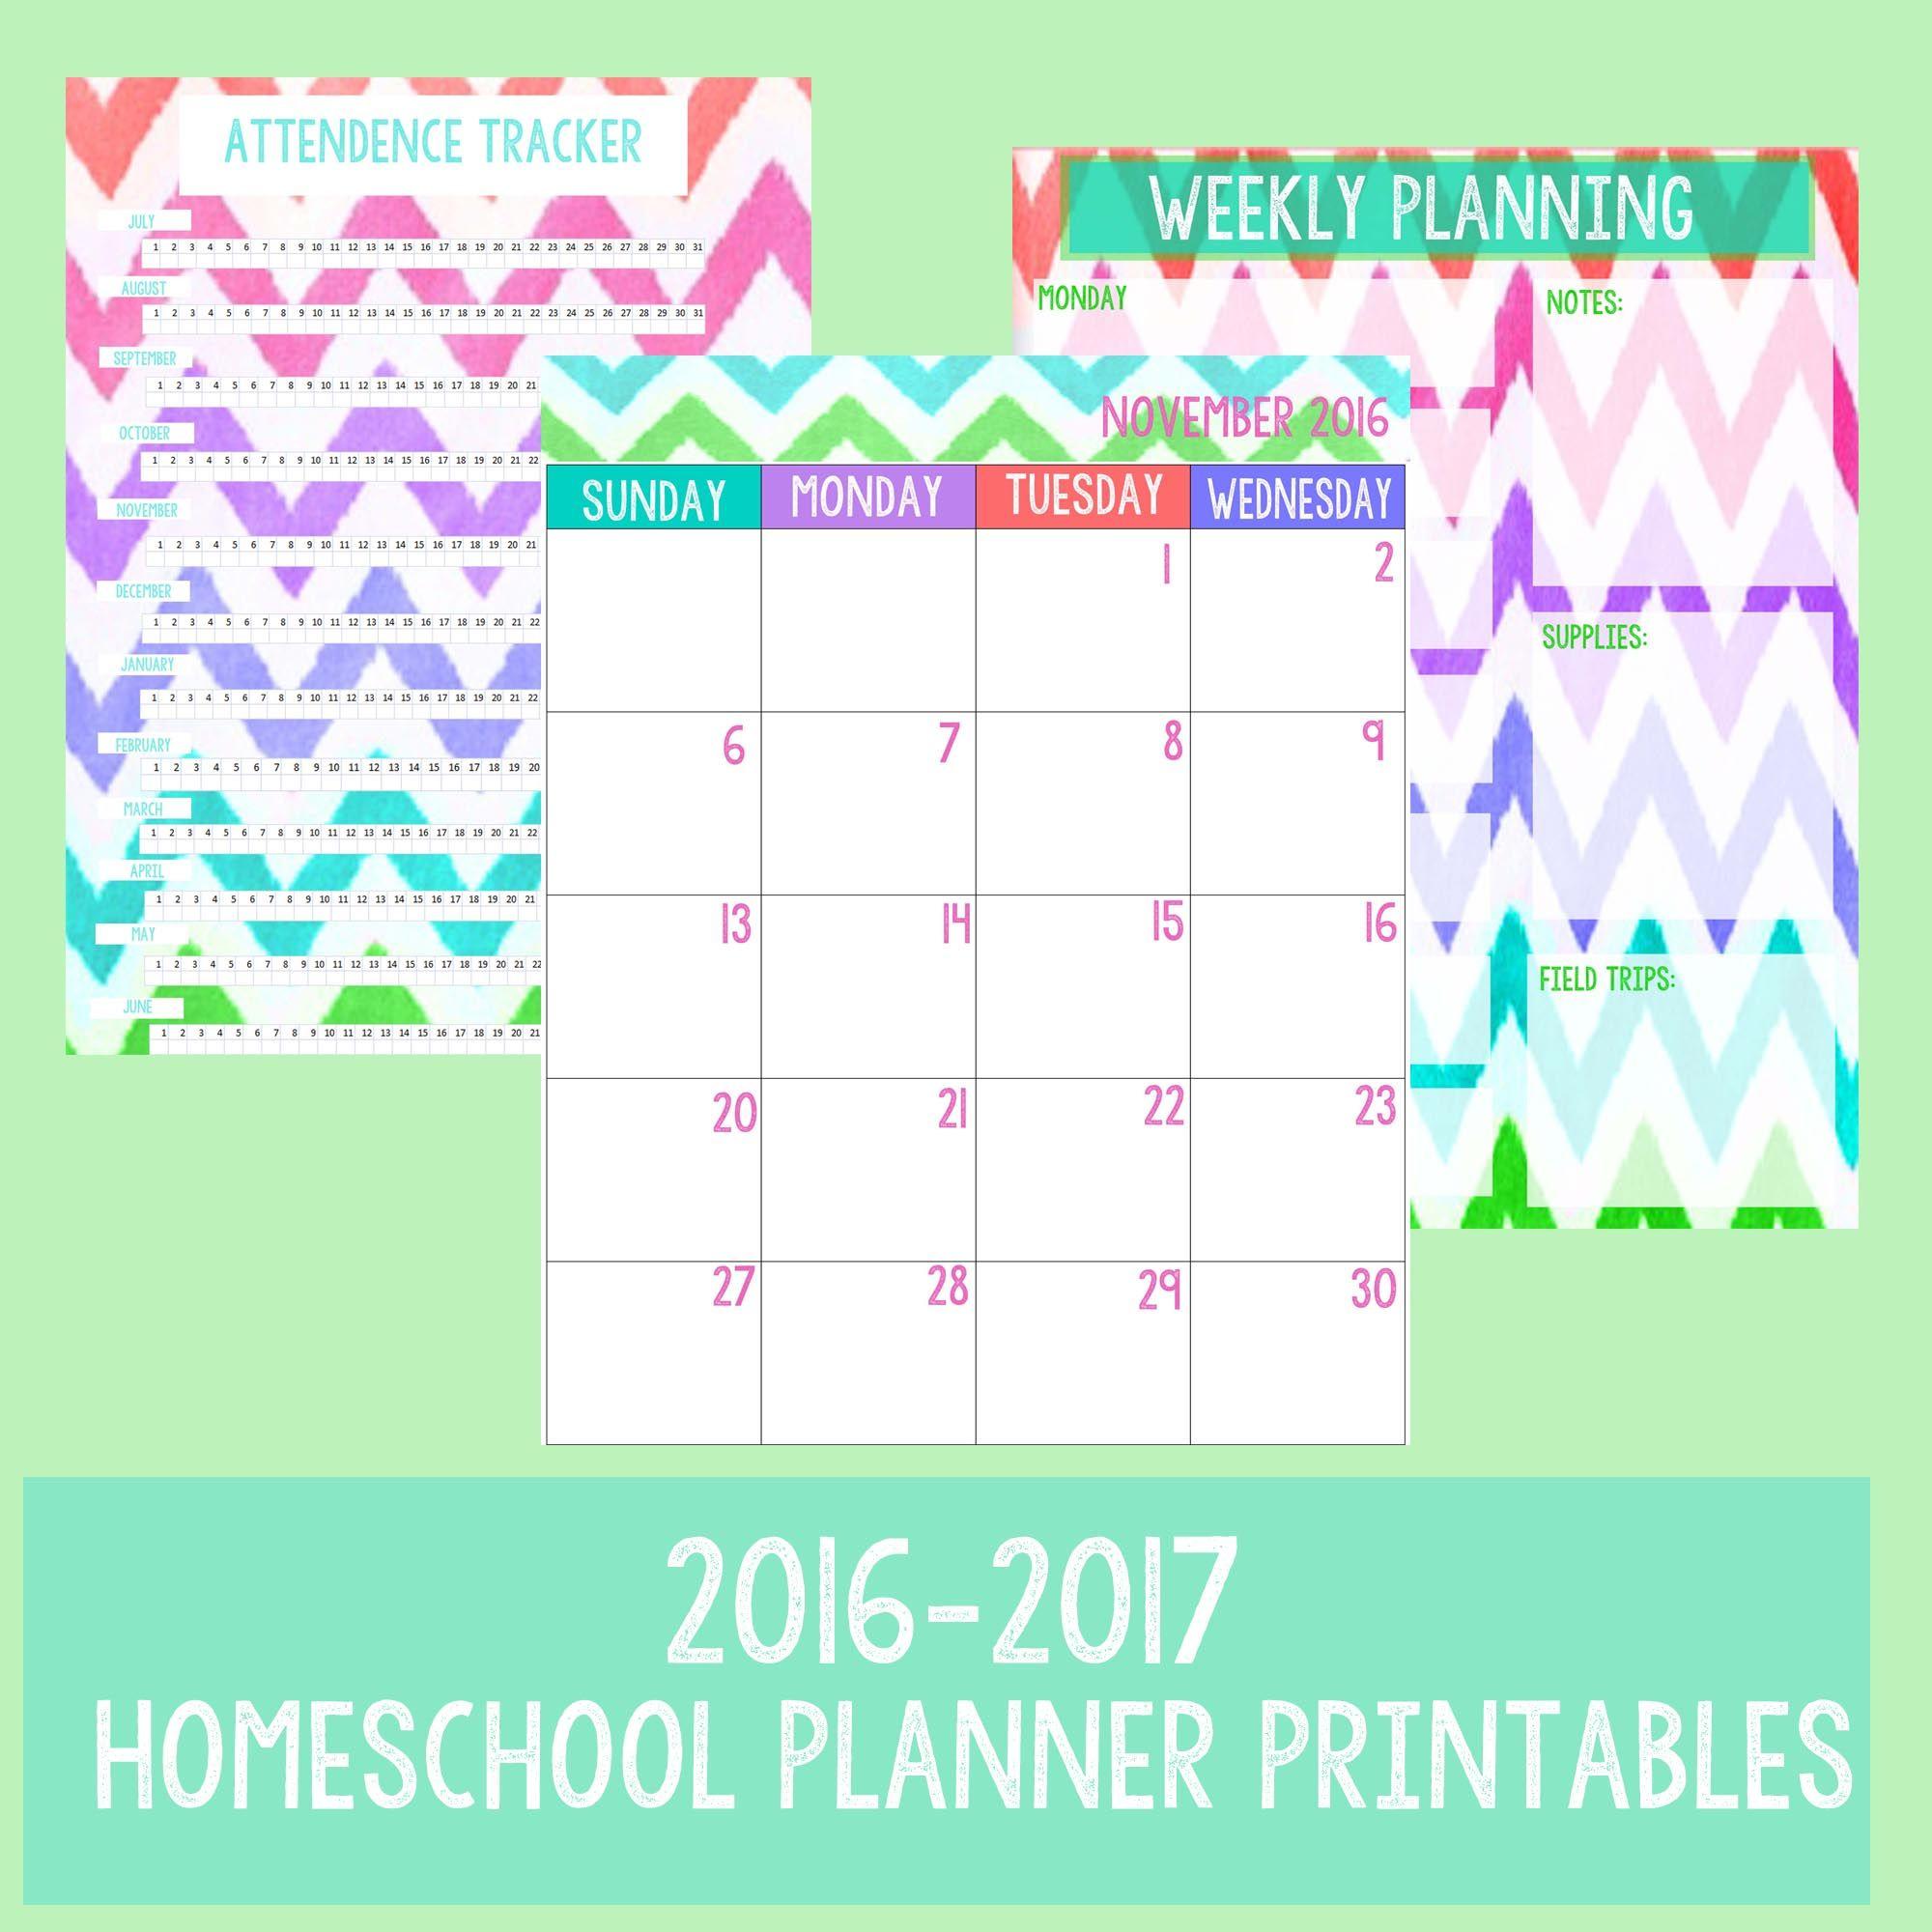 Calendar Planner Printable Sia : Homeschool planner printables for binders